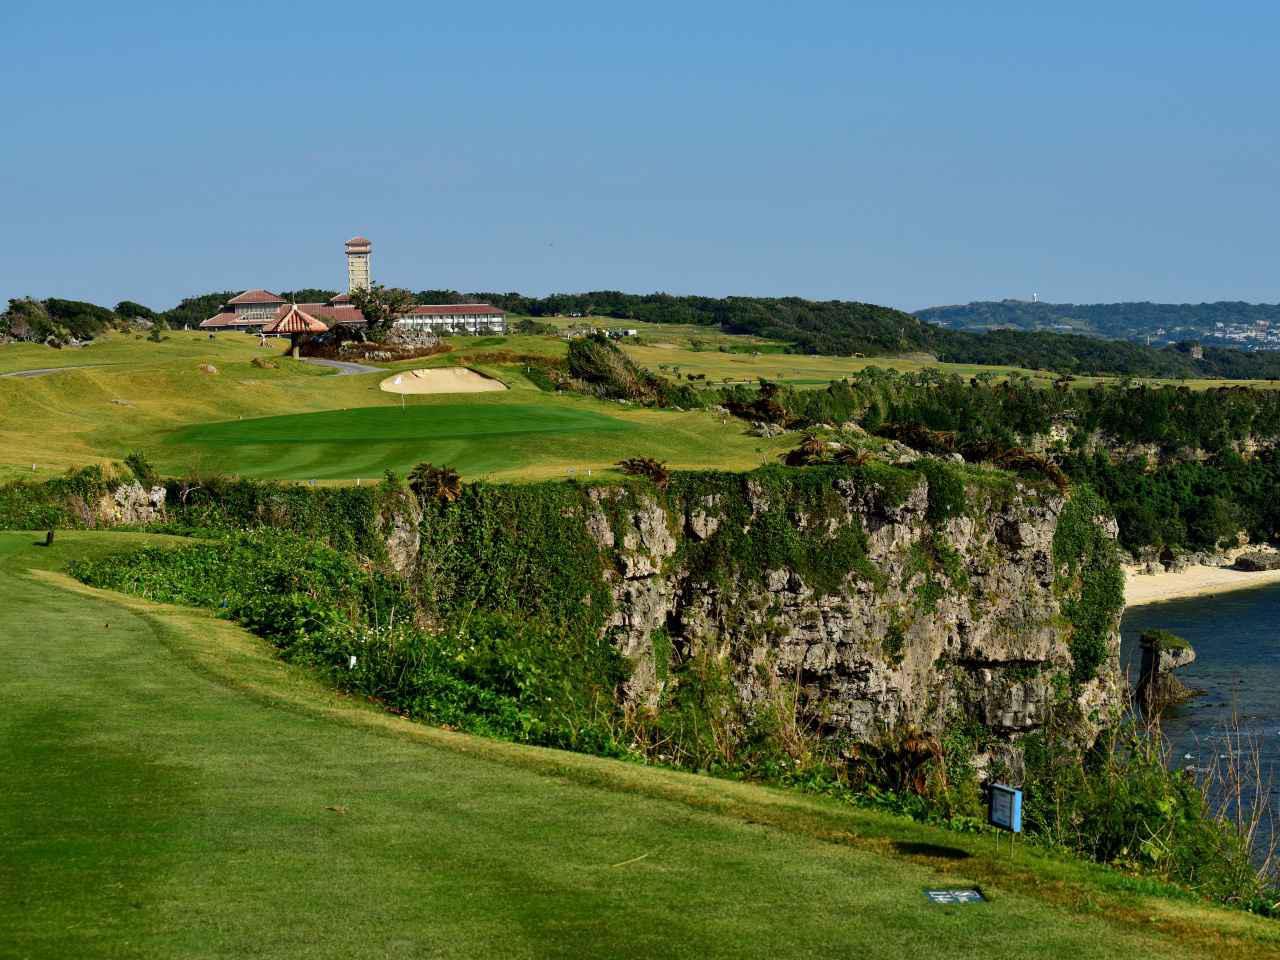 画像1: ザ・サザンリンクスゴルフクラブ